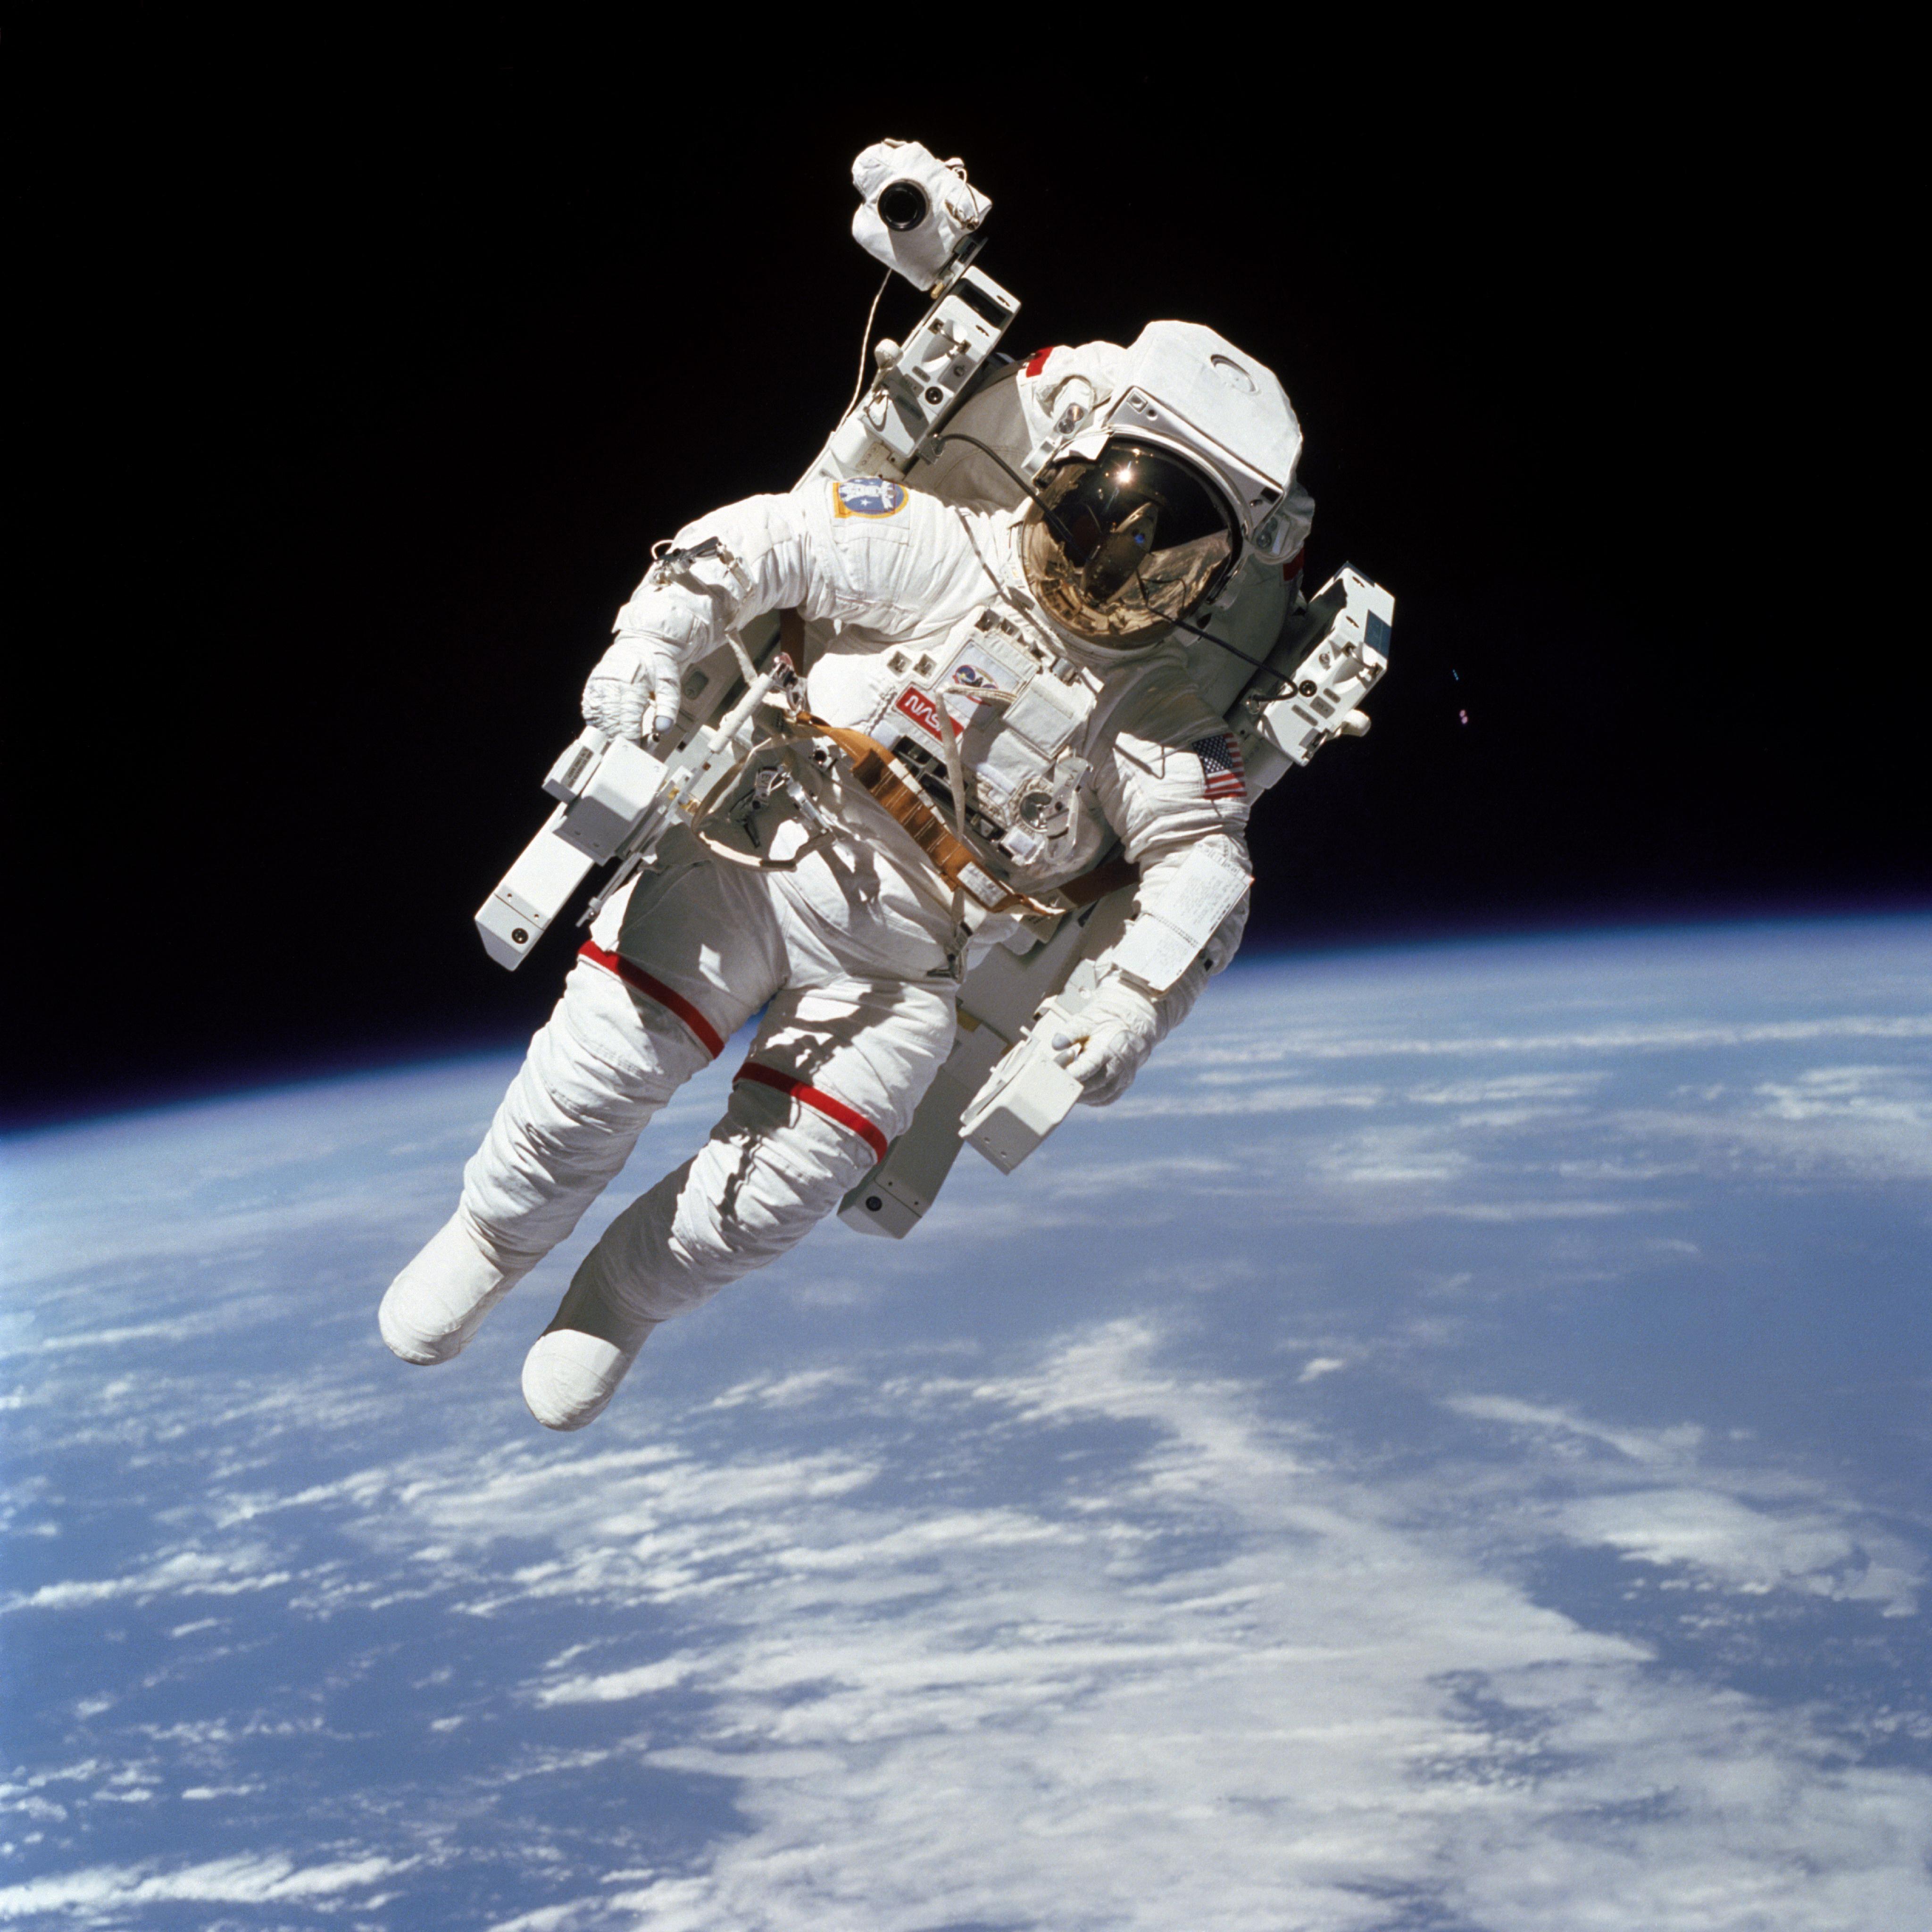 Imágenes de astronautas - Imagui